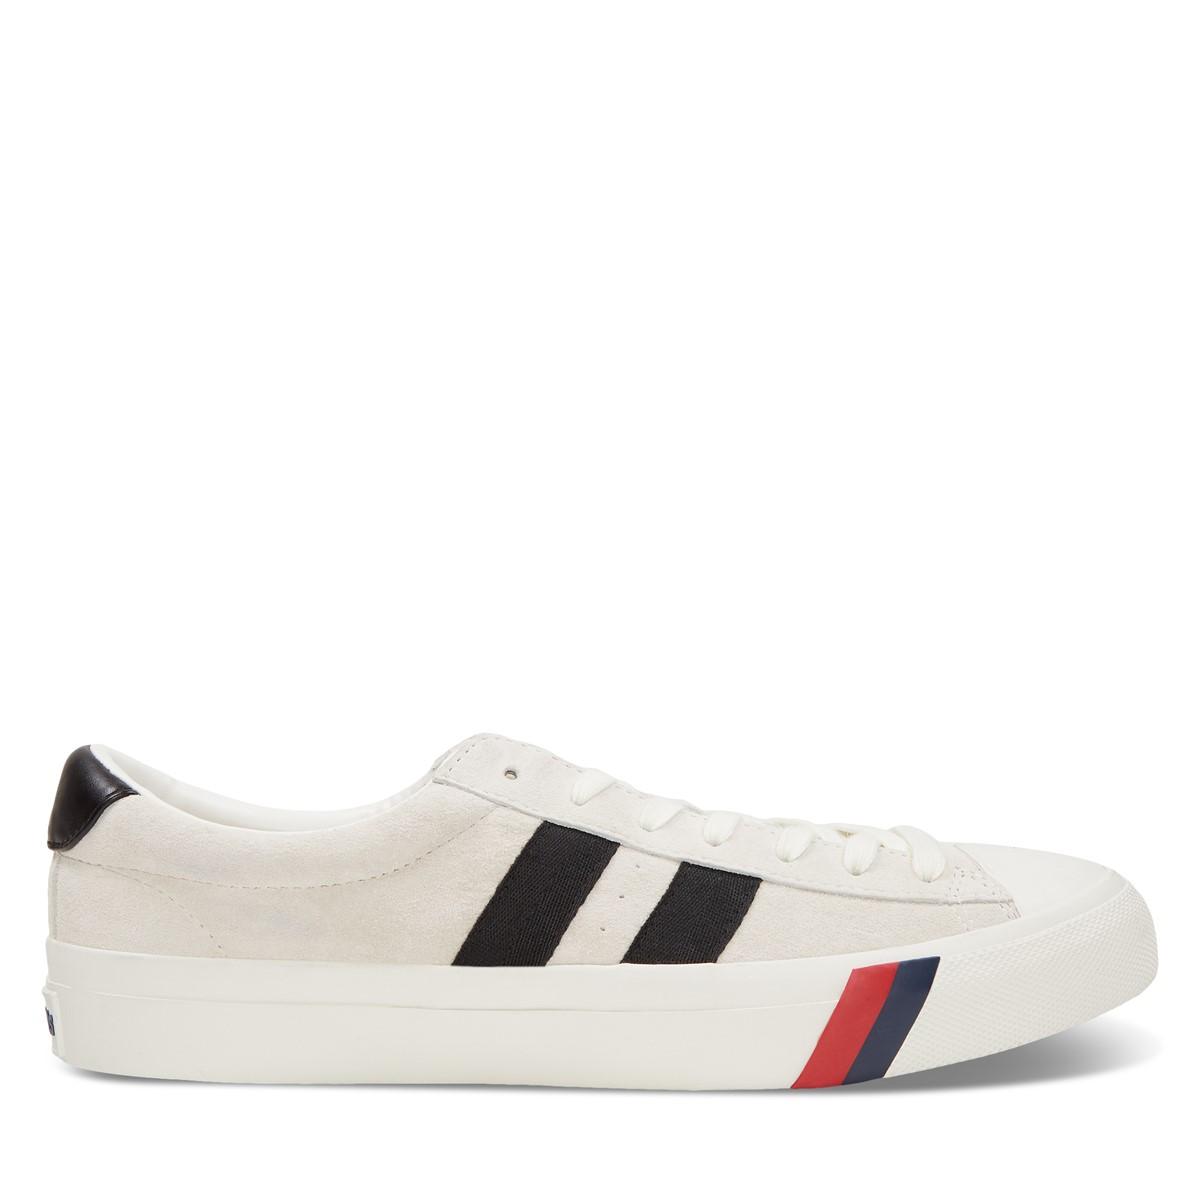 Men's Royal Plus Sneakers in Cream